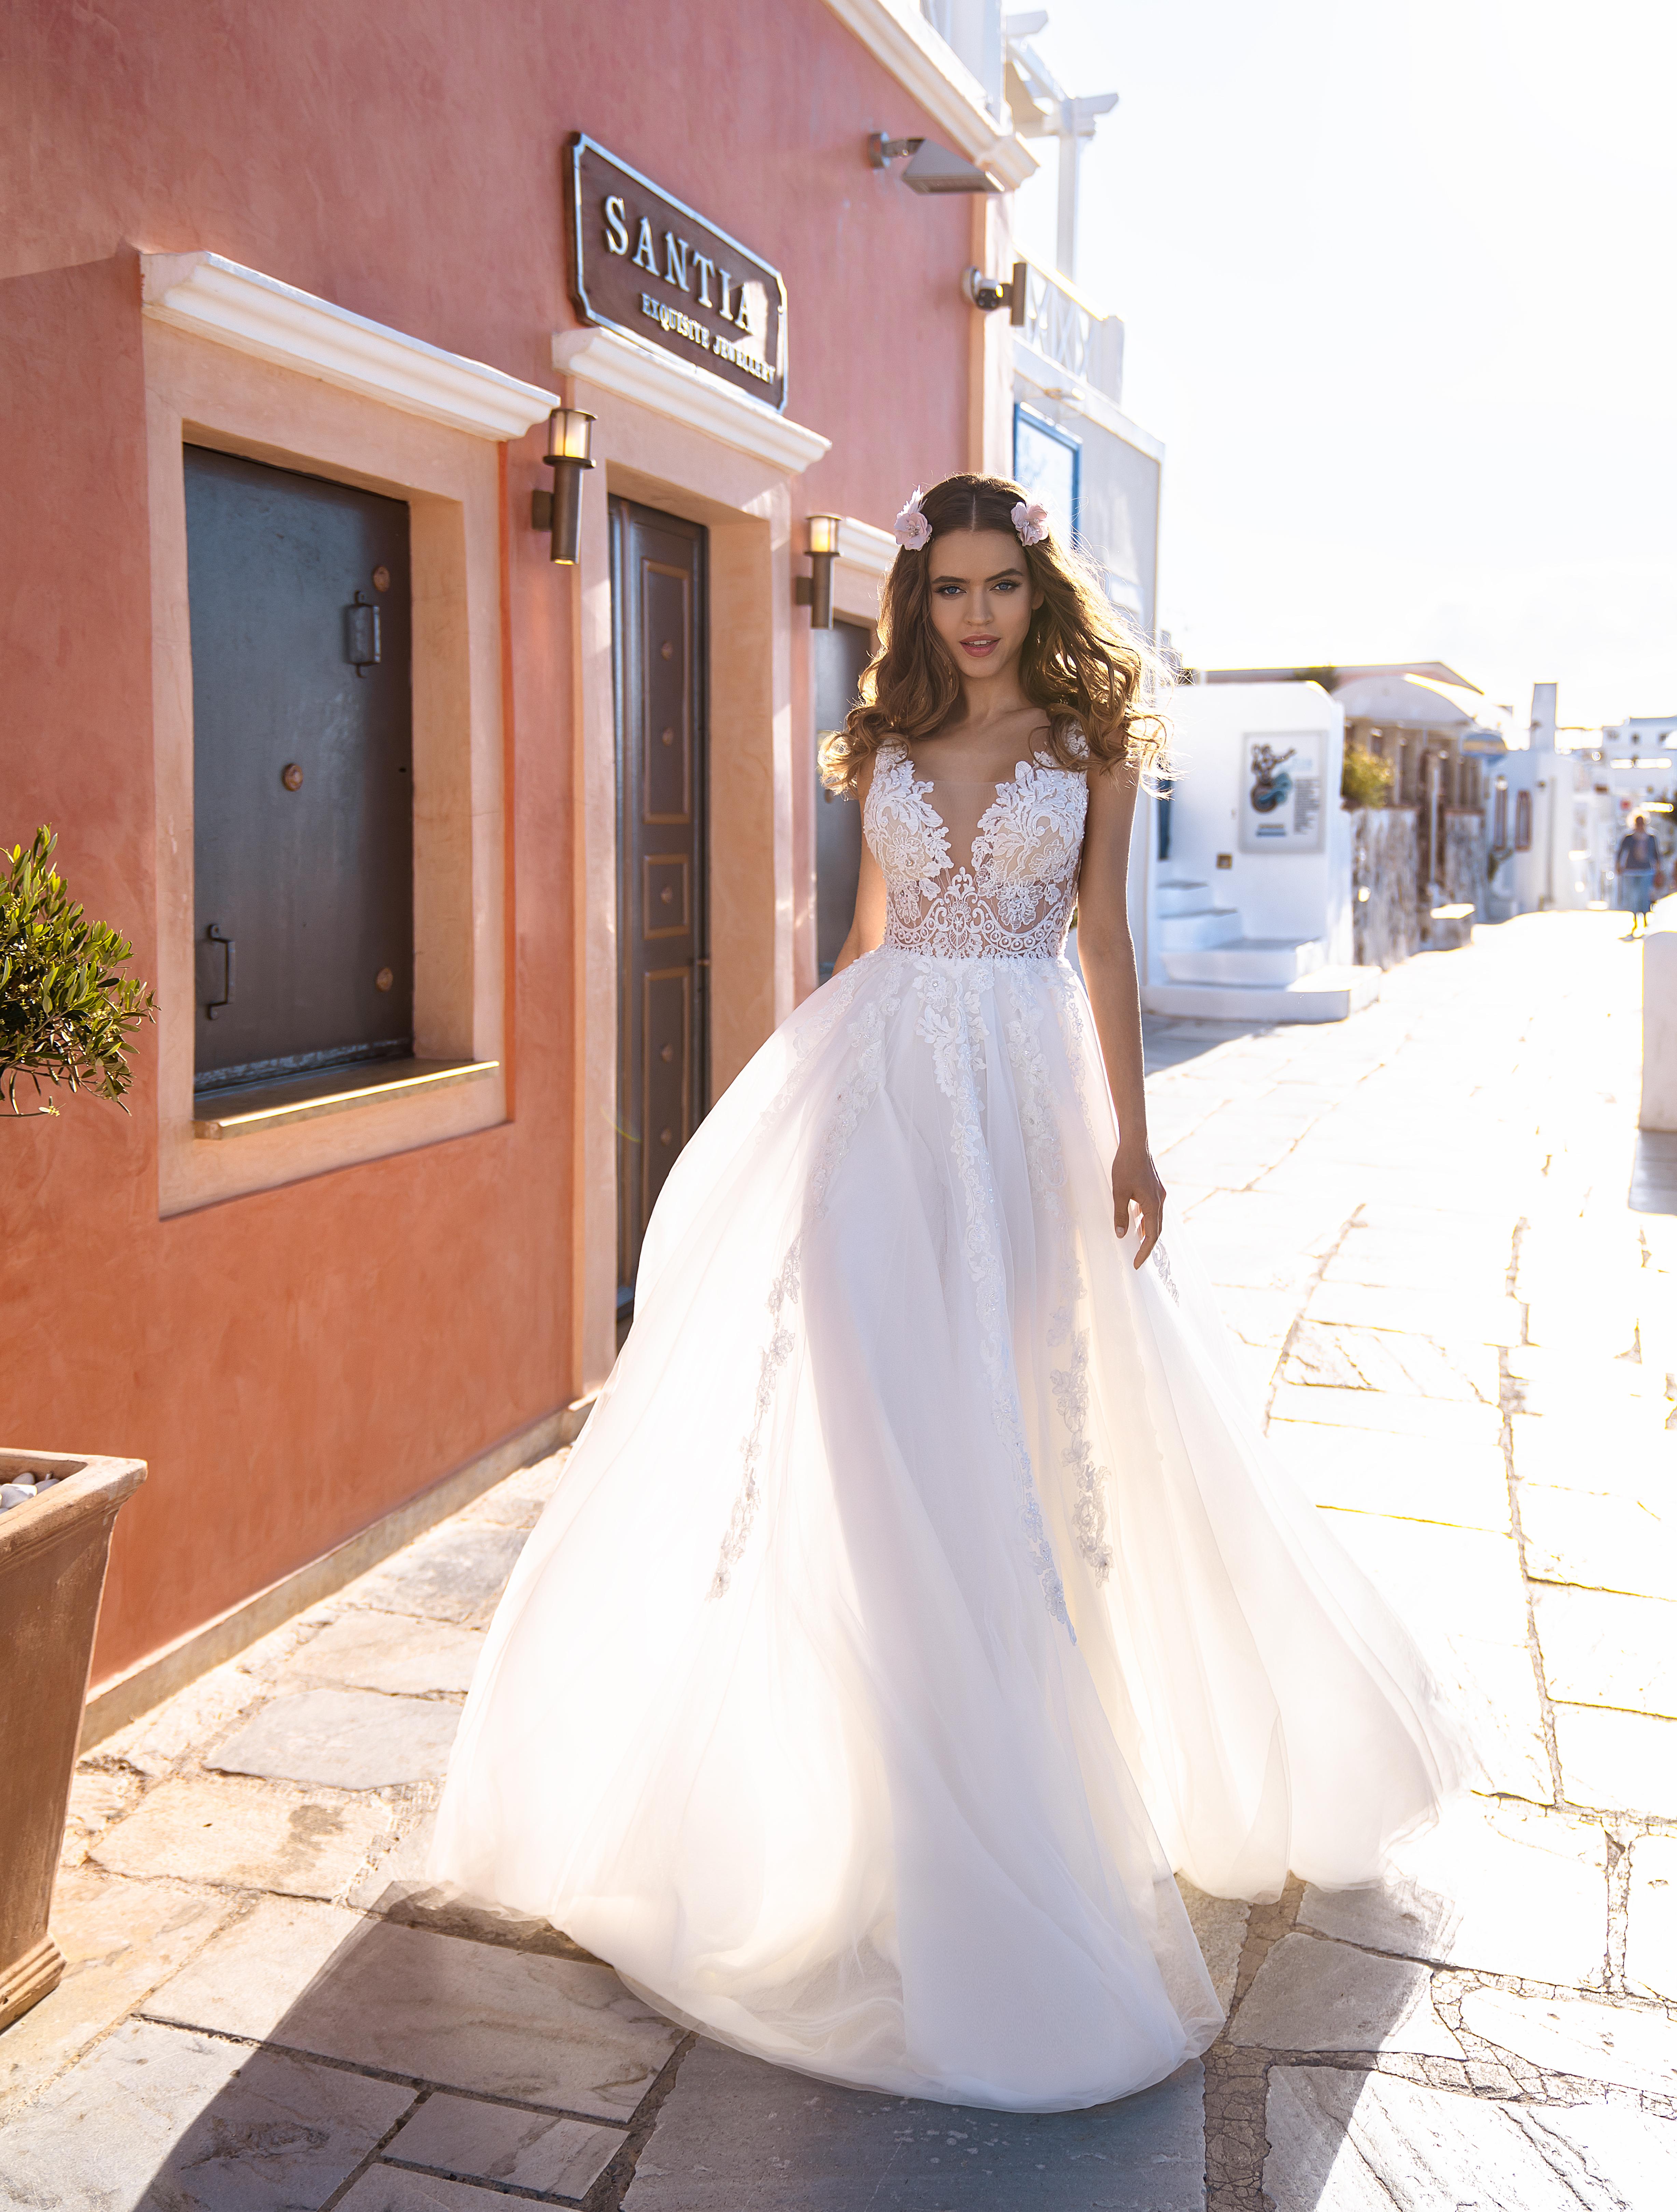 Rochia de mireasă brodată cu mărgele, pietre și perle en-gros de la rochia de mireasă Silviamo-1